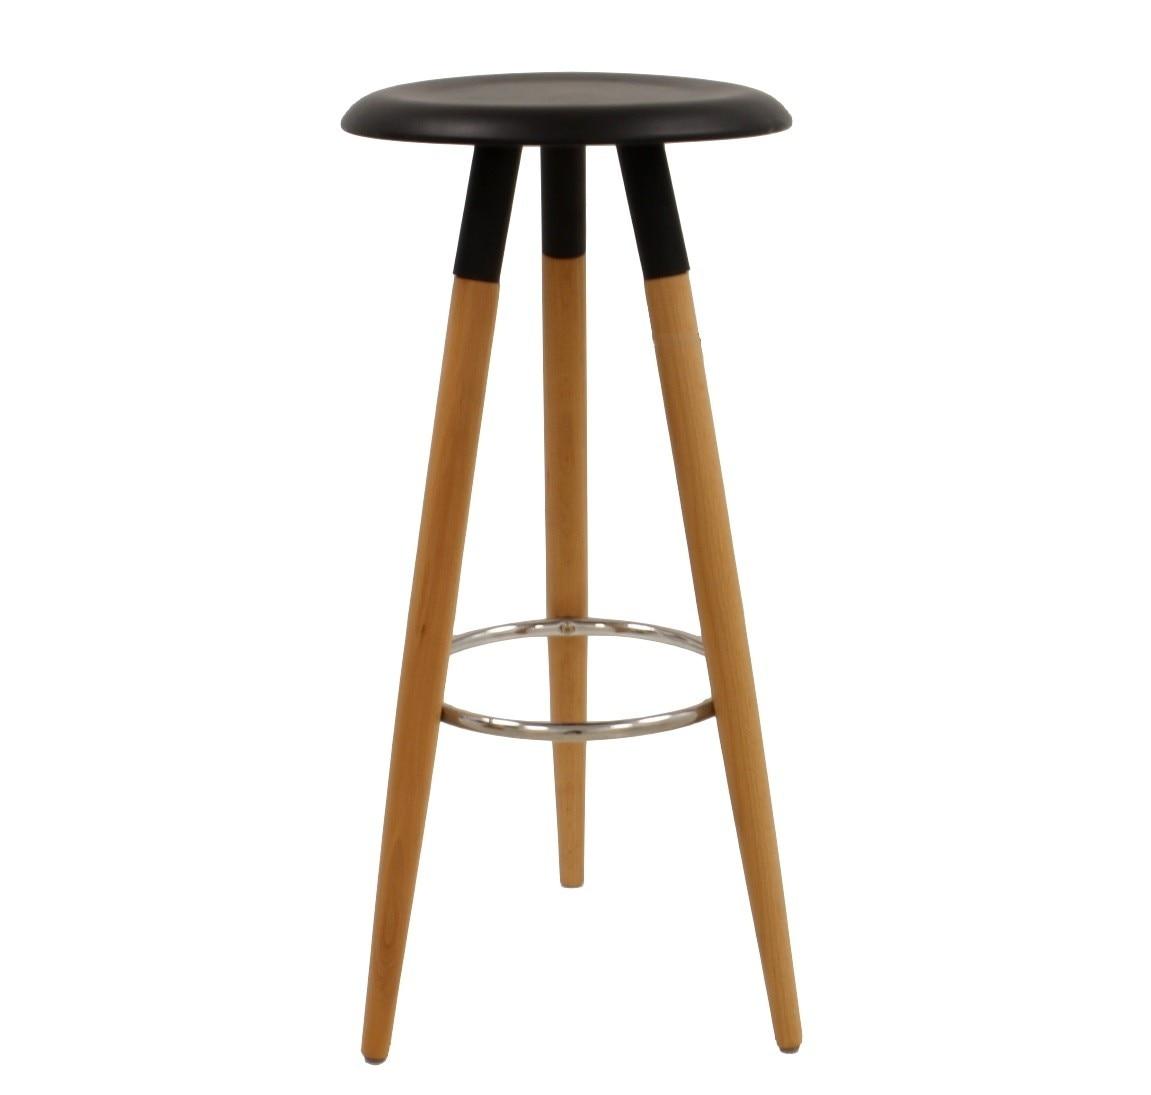 Stool OTILIO, Wood, Black Seat